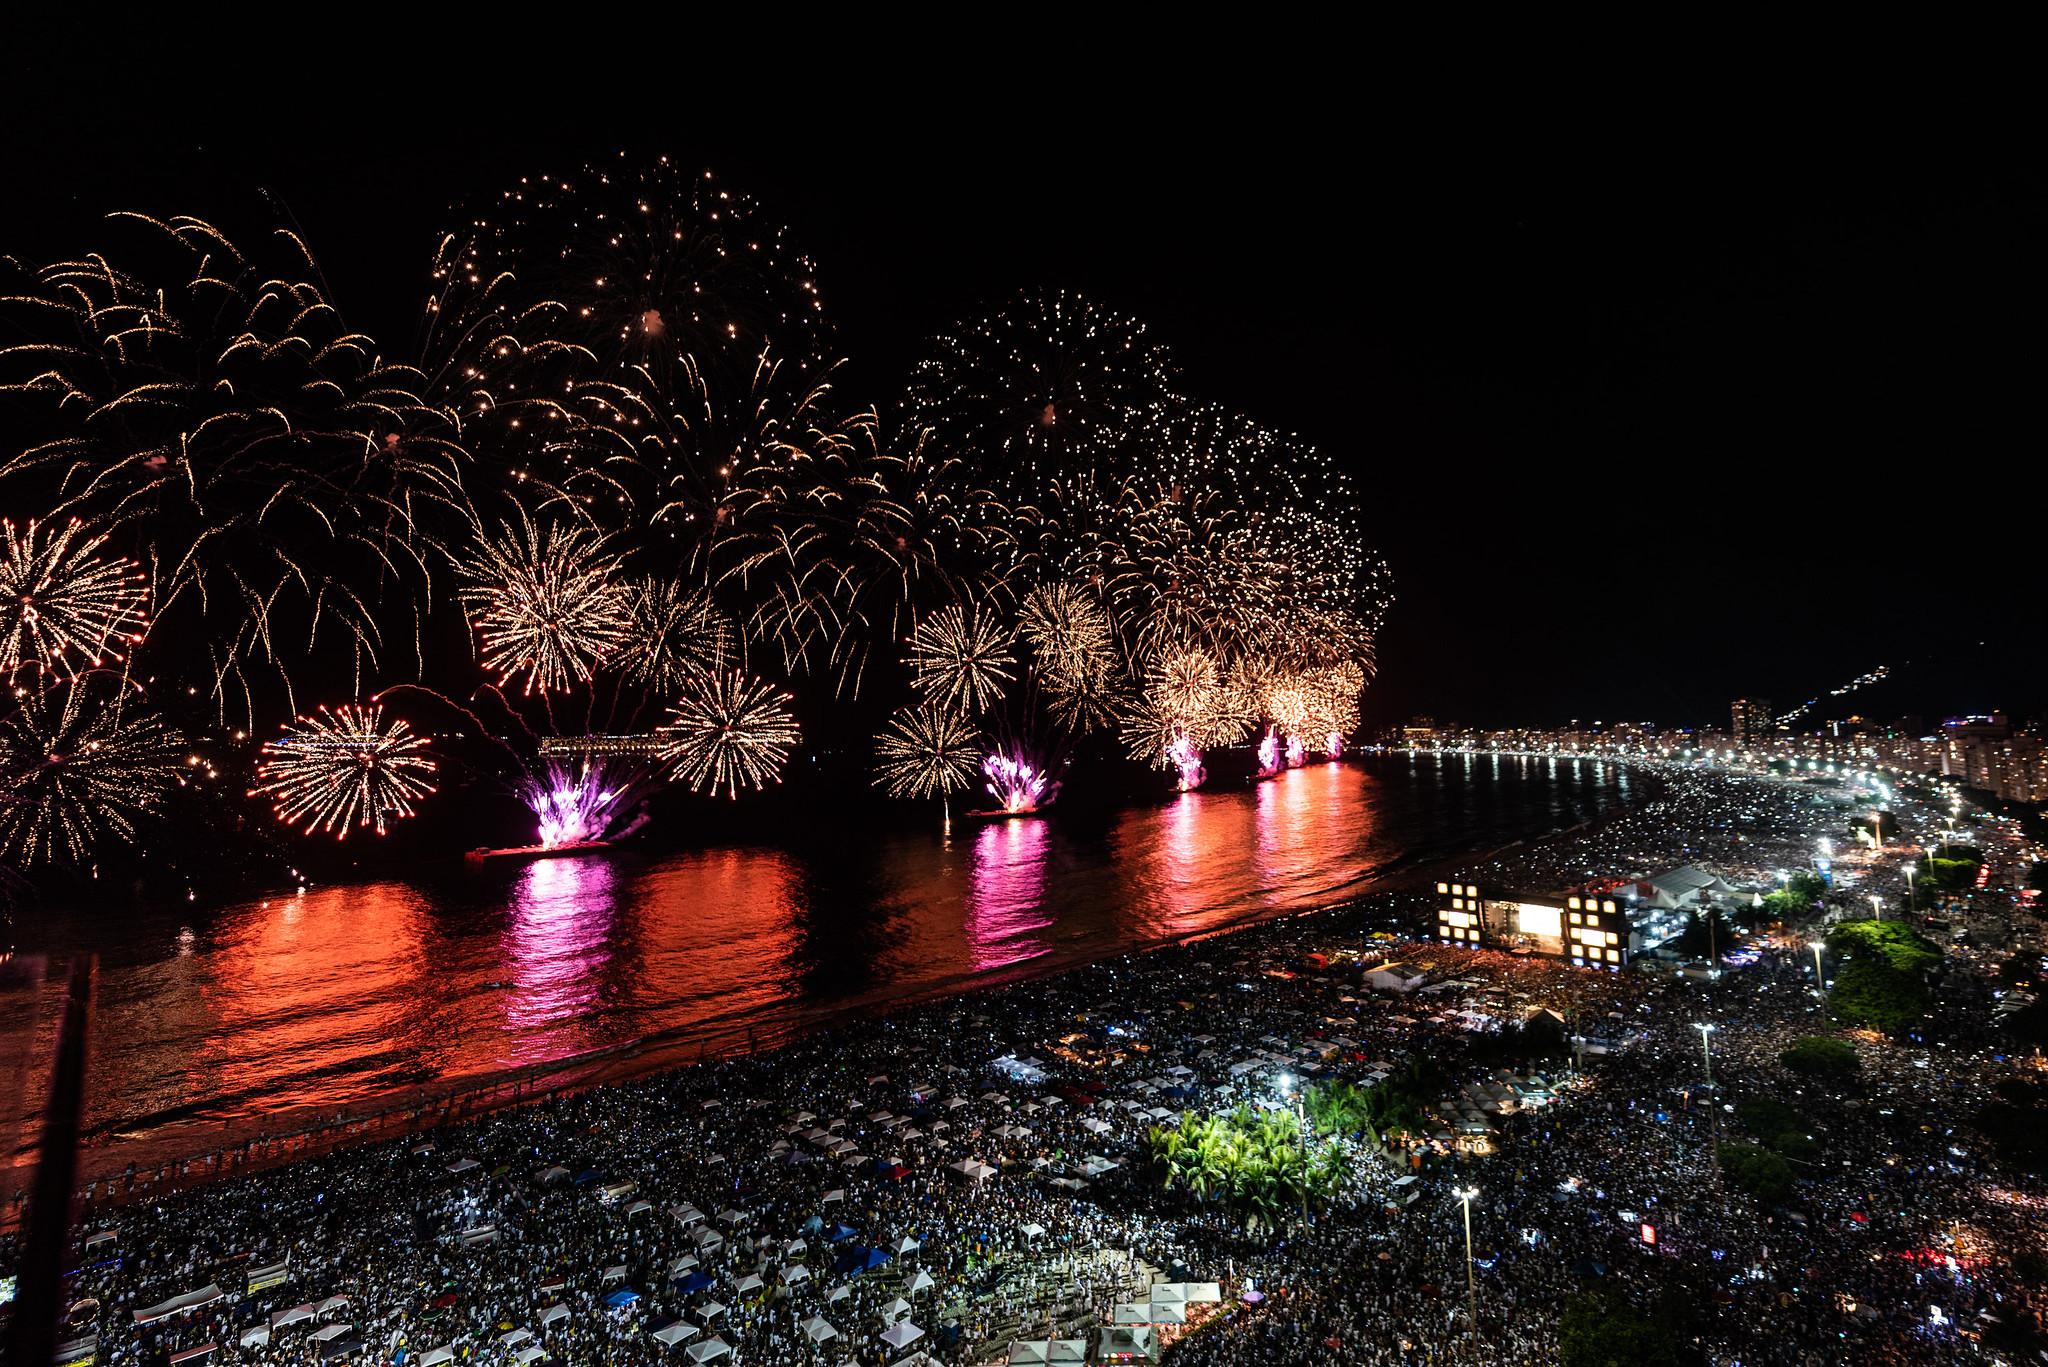 Réveillon Rio 2020 - Dj Mangueira - Praia de Copacabana - Rio de Janeiro. 01.01.2020. Photo: Alex Ferro / Riotur.